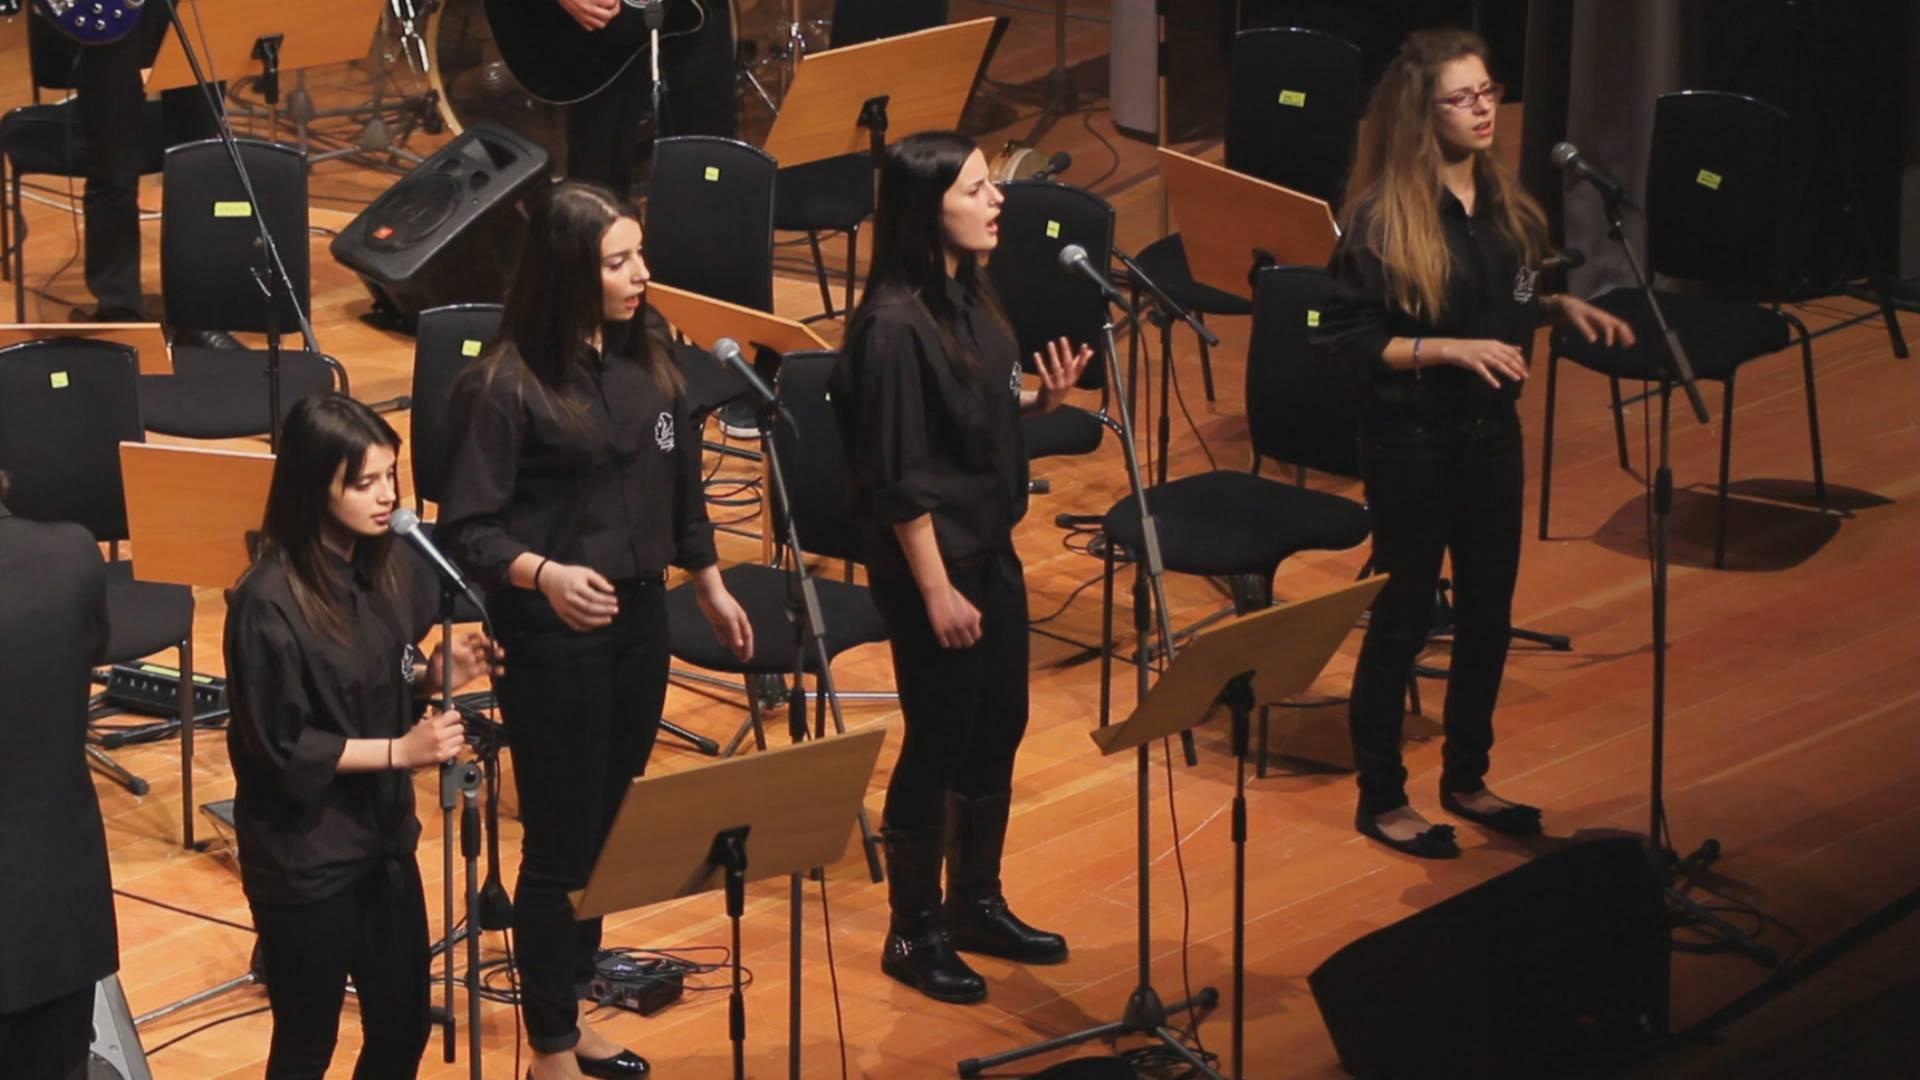 Τα Δημοτικά της Κοζάνης τραγουδούν – Χορωδιακό Εργαστήρι από το Μουσικό Σχολείο Σιάτιστας